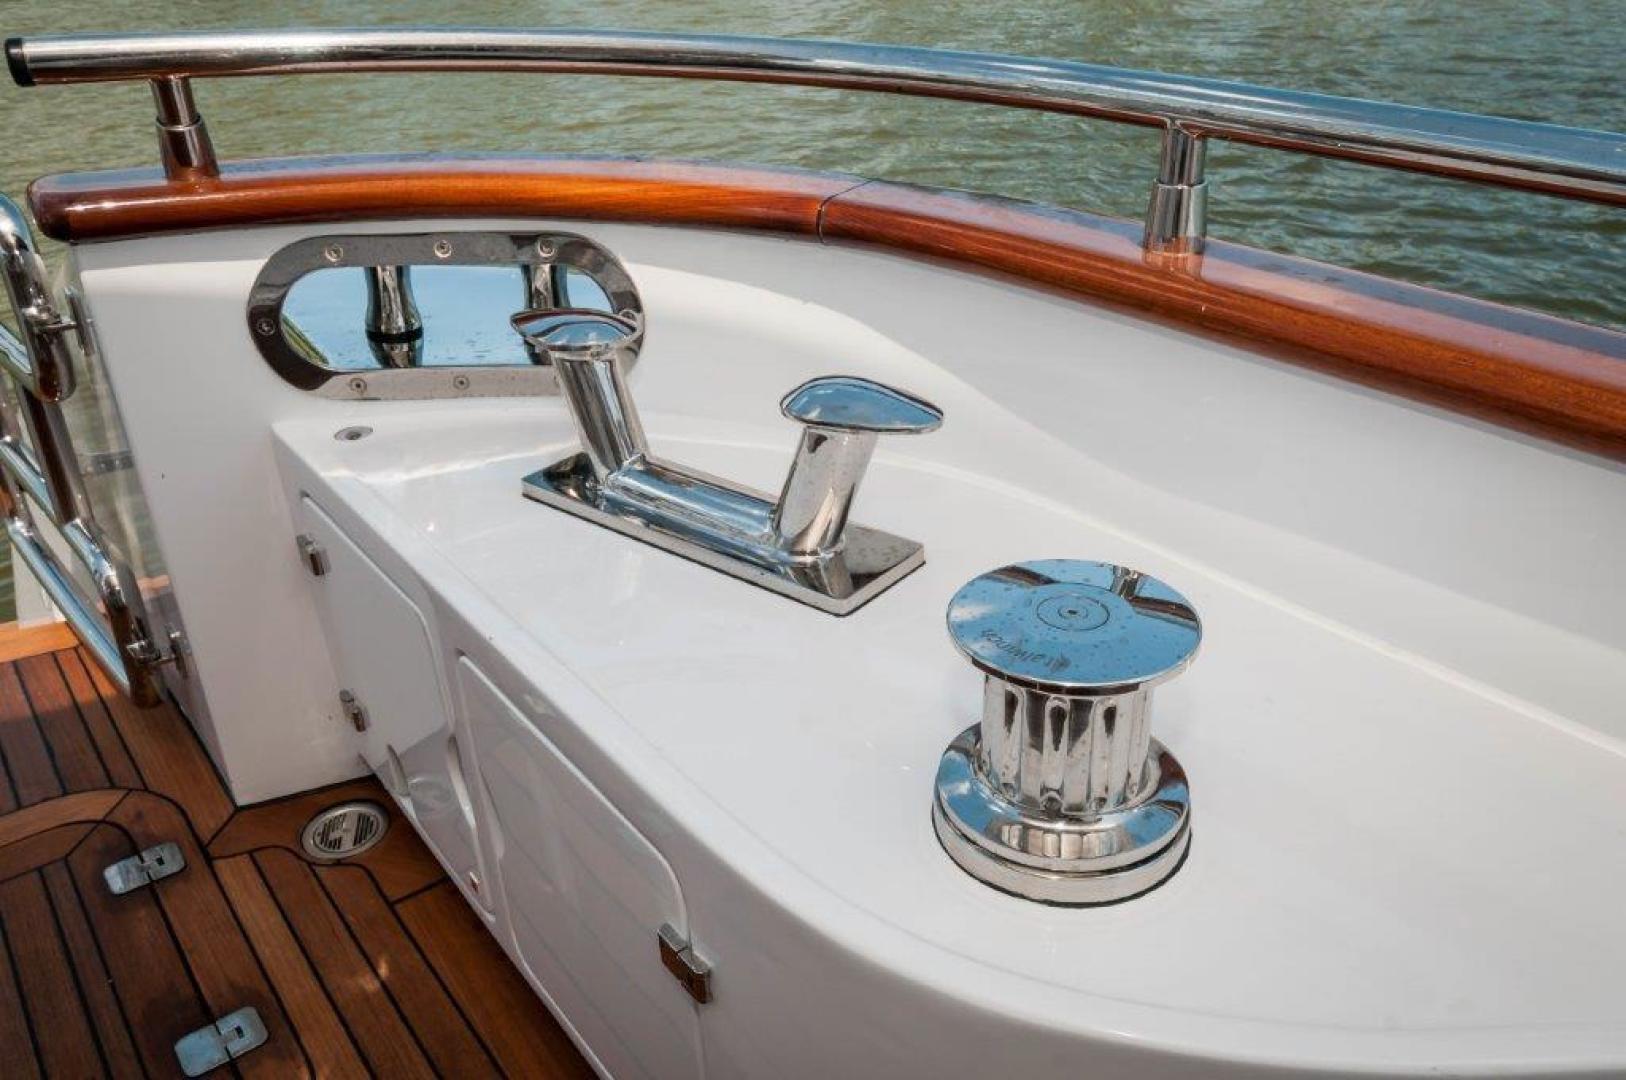 Maiora-84 Motor Yacht 2015-Never Rest SANDESTIN-Florida-United States-2015 Maiora 84 Motor Yacht Wrench Never Rest-720618 | Thumbnail